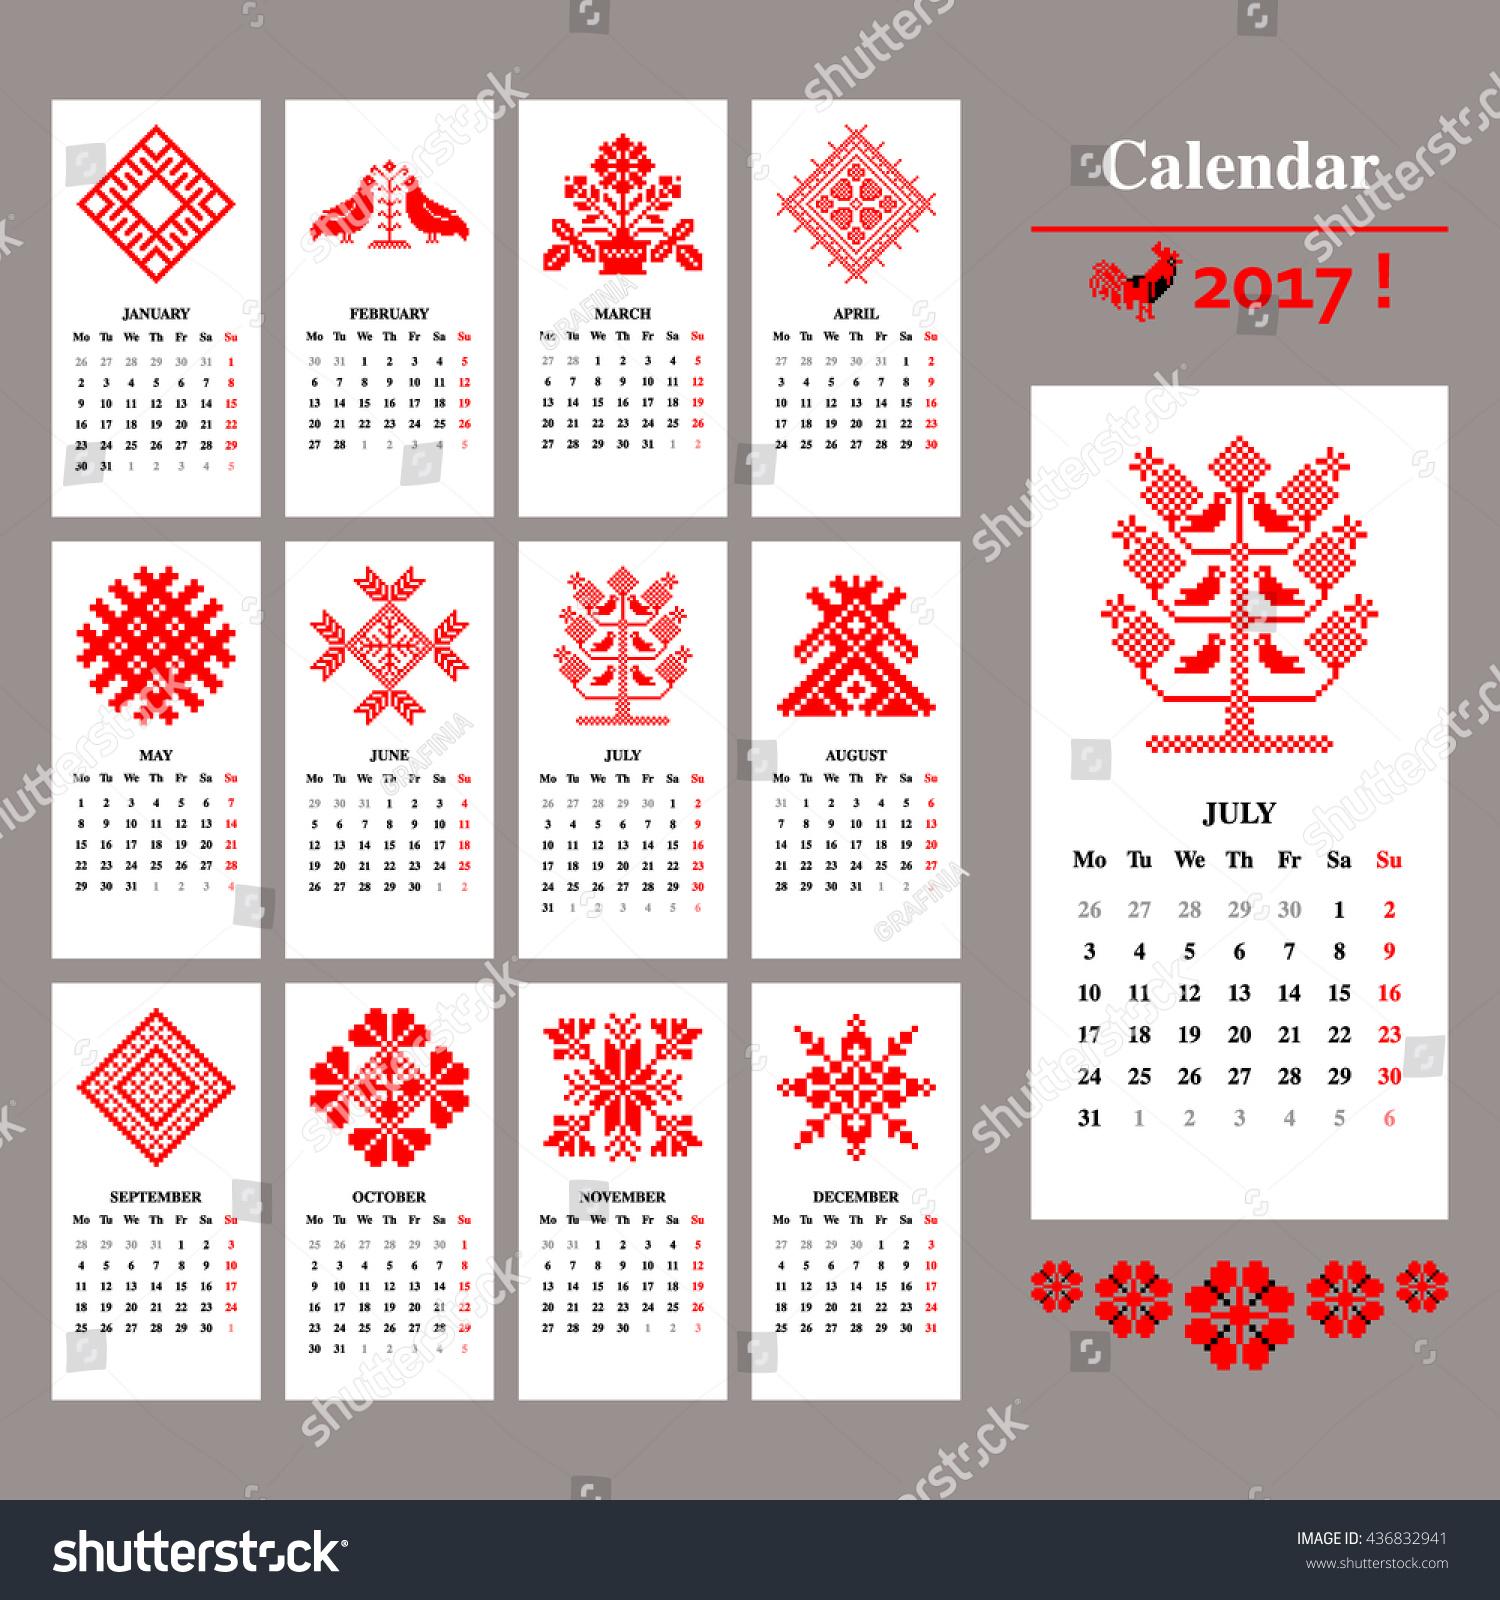 Calendar Design Pattern : Calendar design rooster print template stock vector